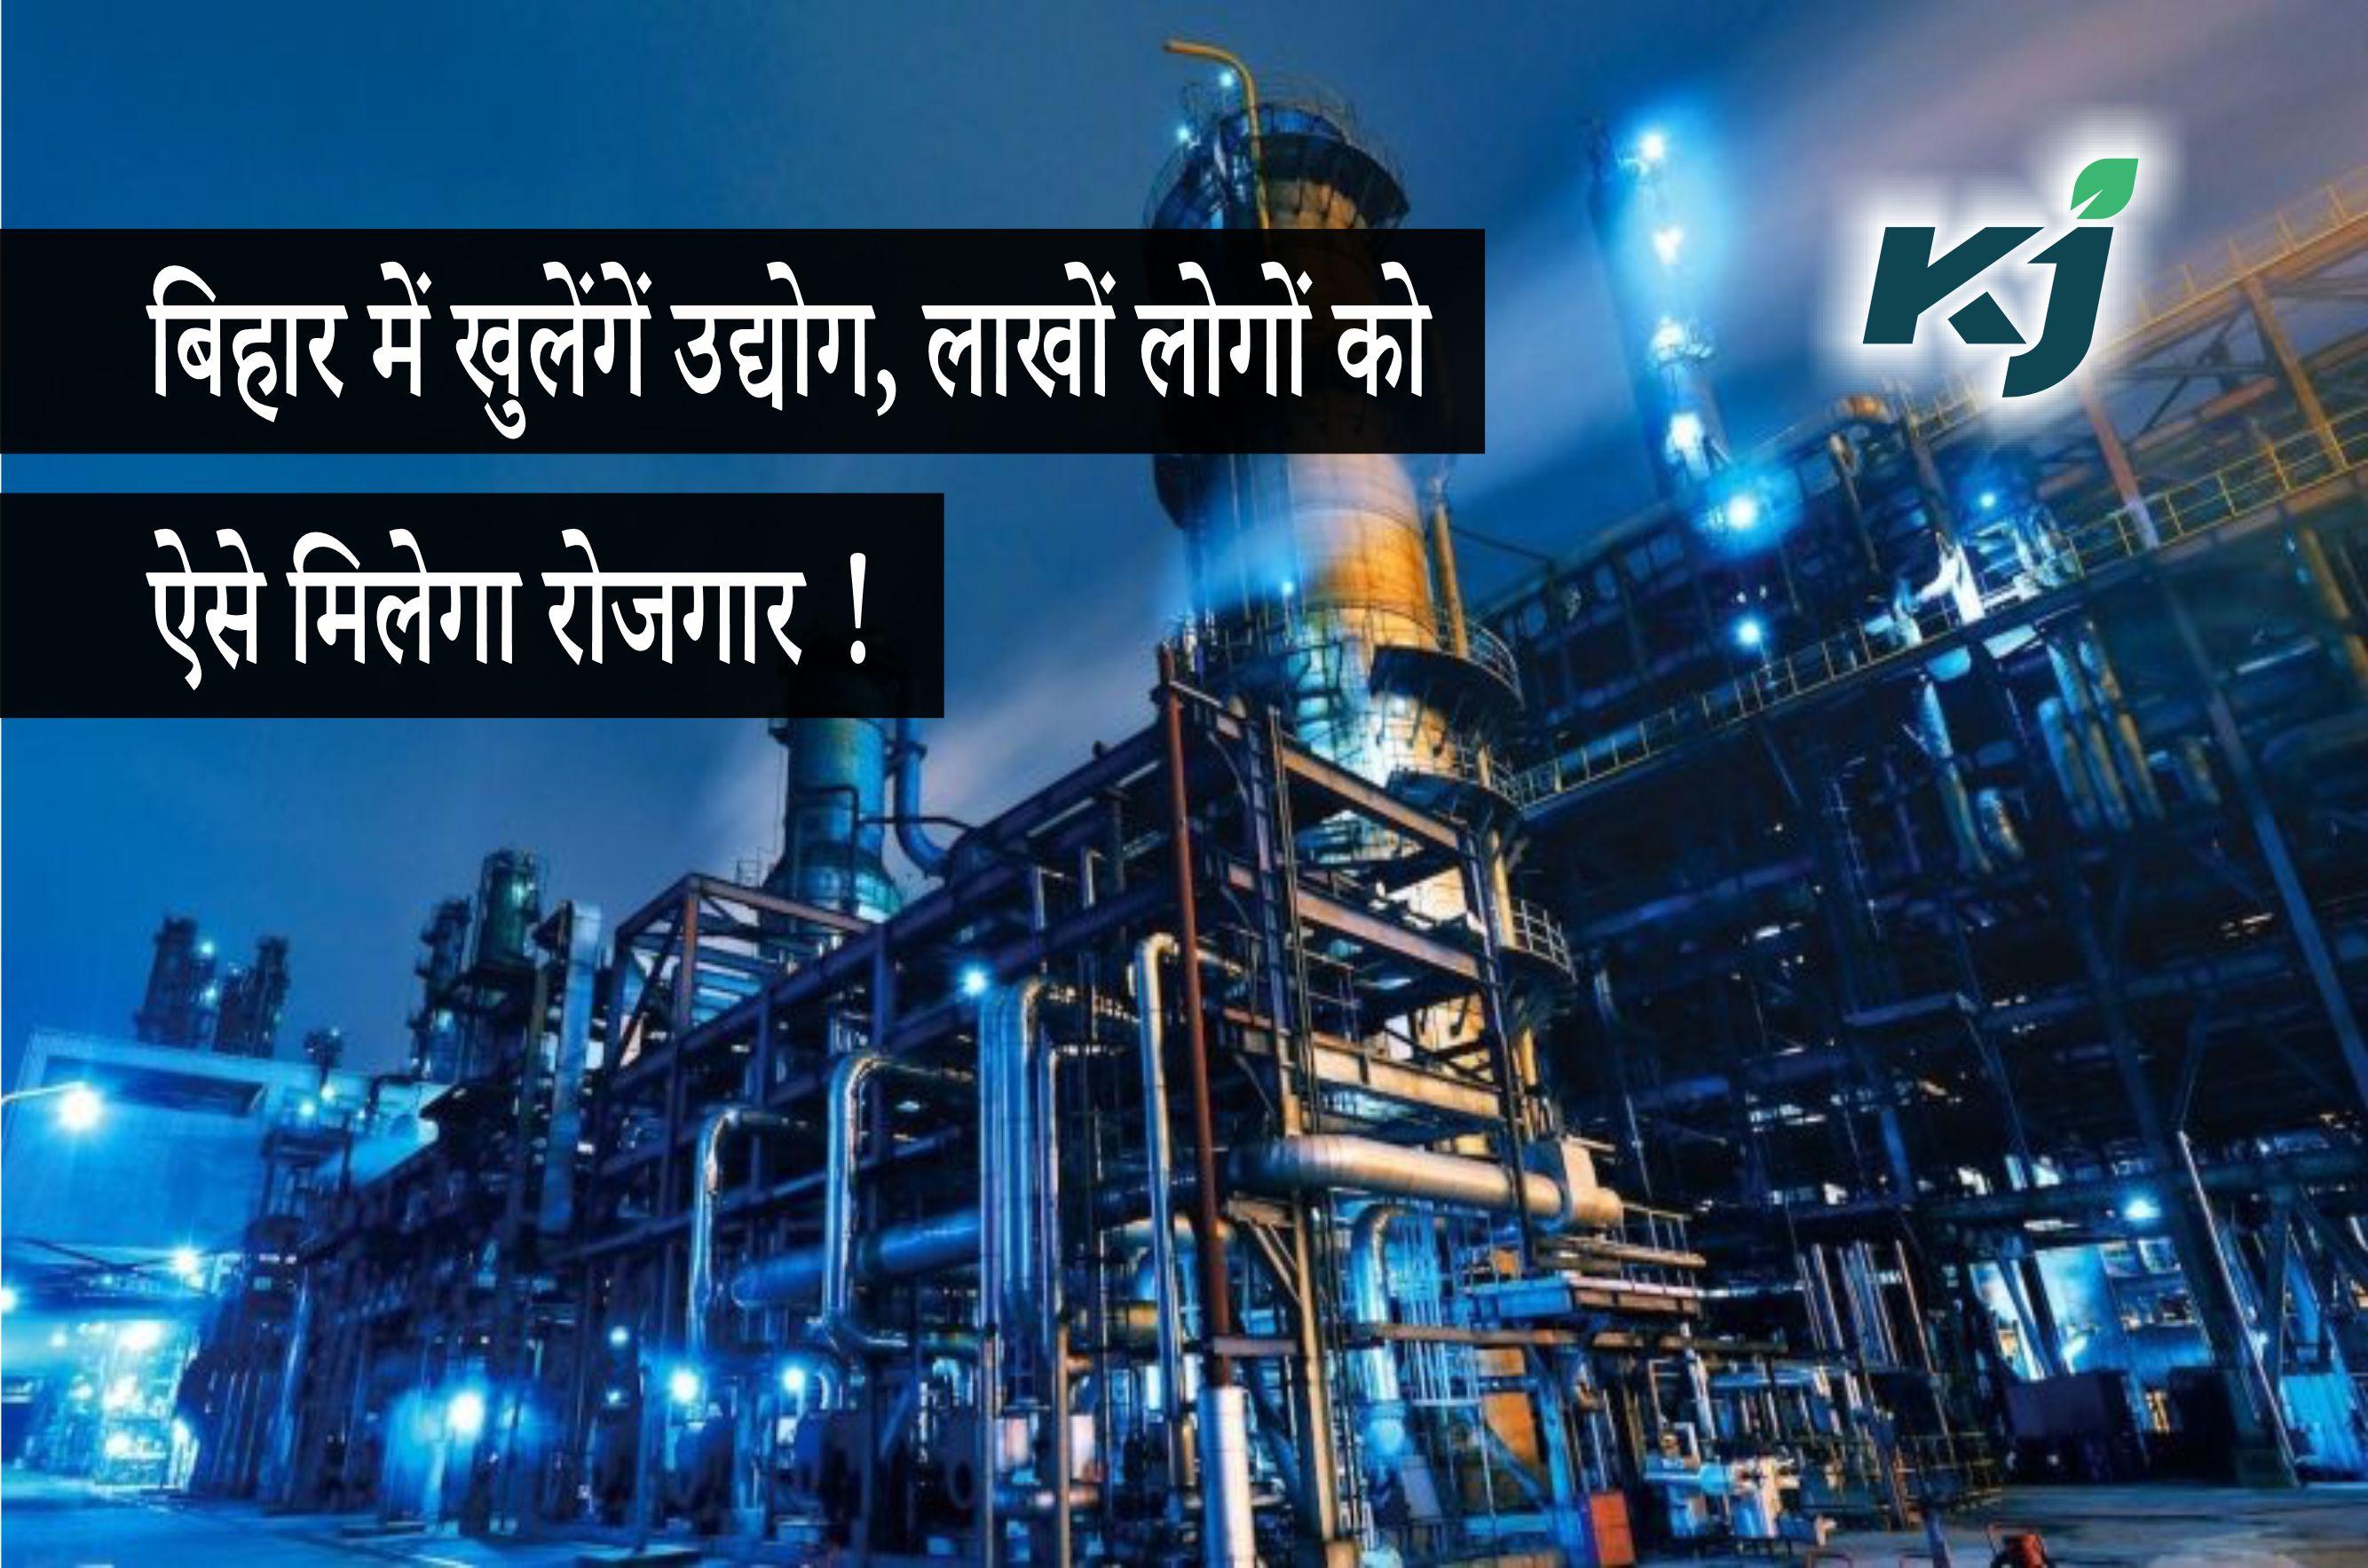 इंडस्ट्री इन बिहार की मांग पर उद्योगपतियों को आमंत्रण, इस योजना से लाखों को मिलेगा रोजगार